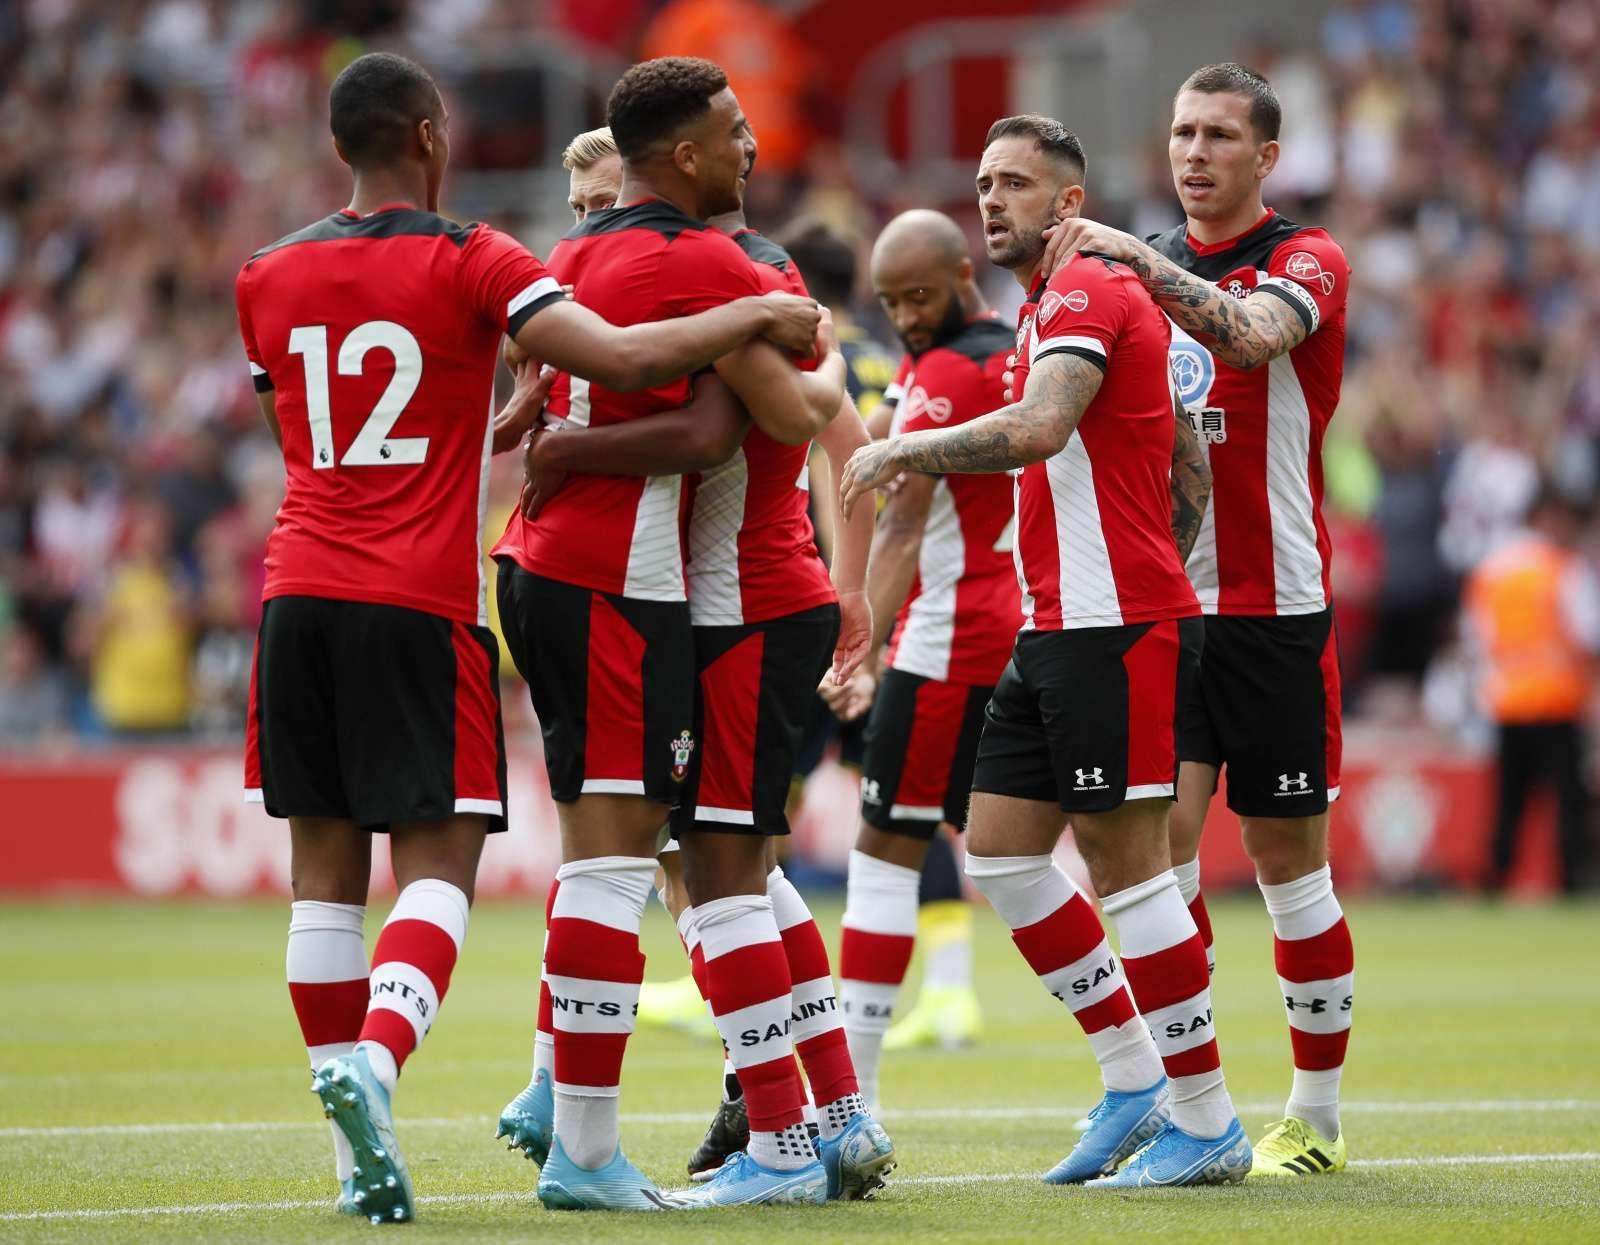 «Лестер» - «Саутгемптон»: прогноз на матч Кубка Англии – 18 апреля 2021